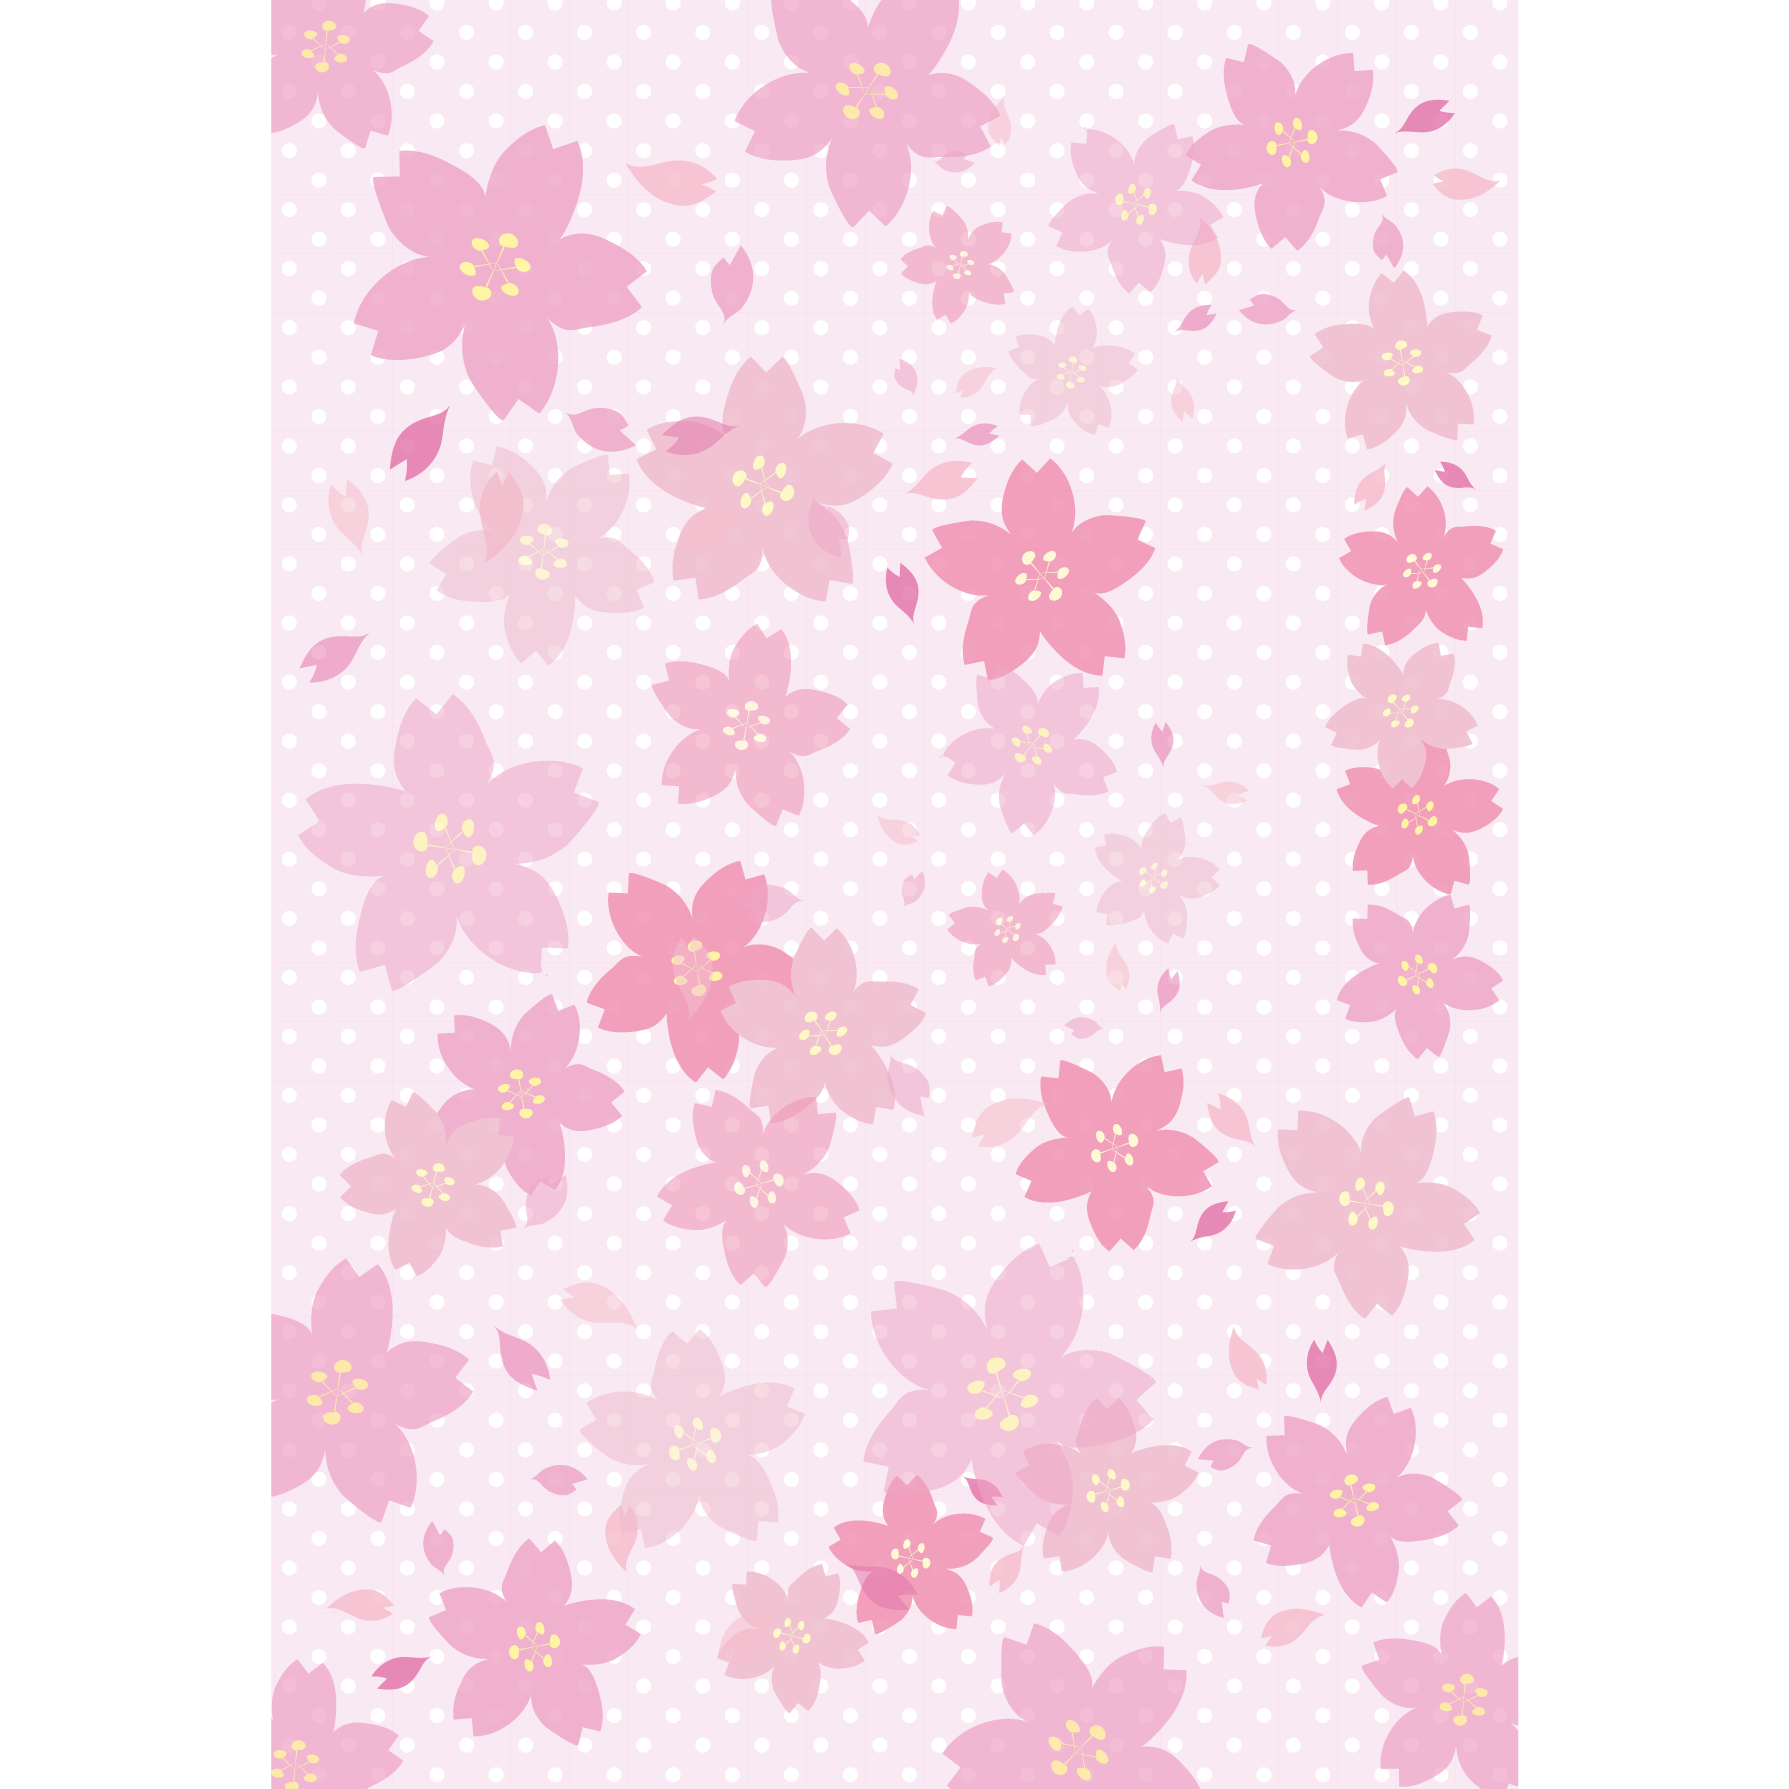 桜(サクラ)のかわいい背景素材 フリー イラスト a4サイズ | 商用フリー